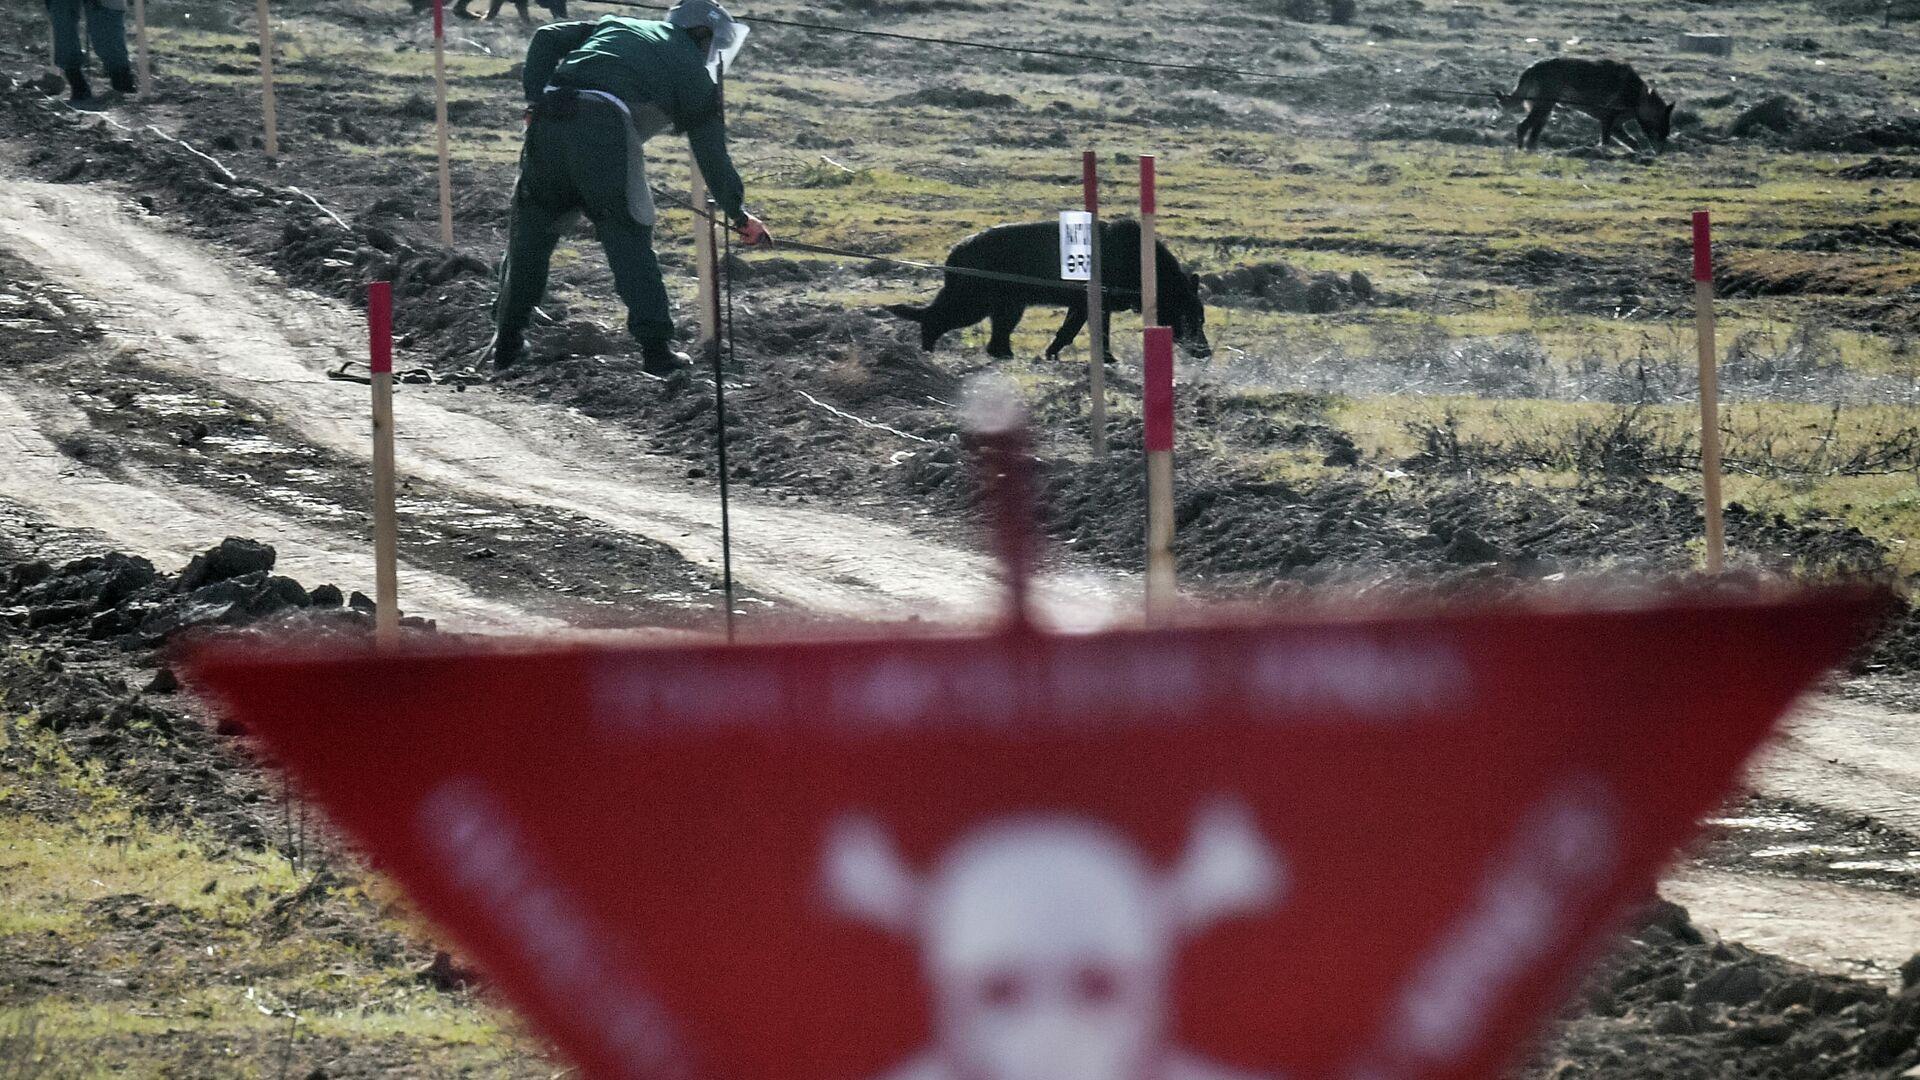 Специалисты Национального агентства по очистке от мин территорий Азербайджана (ANAMA) со служебными собаками на месте разминирования - РИА Новости, 1920, 16.05.2021